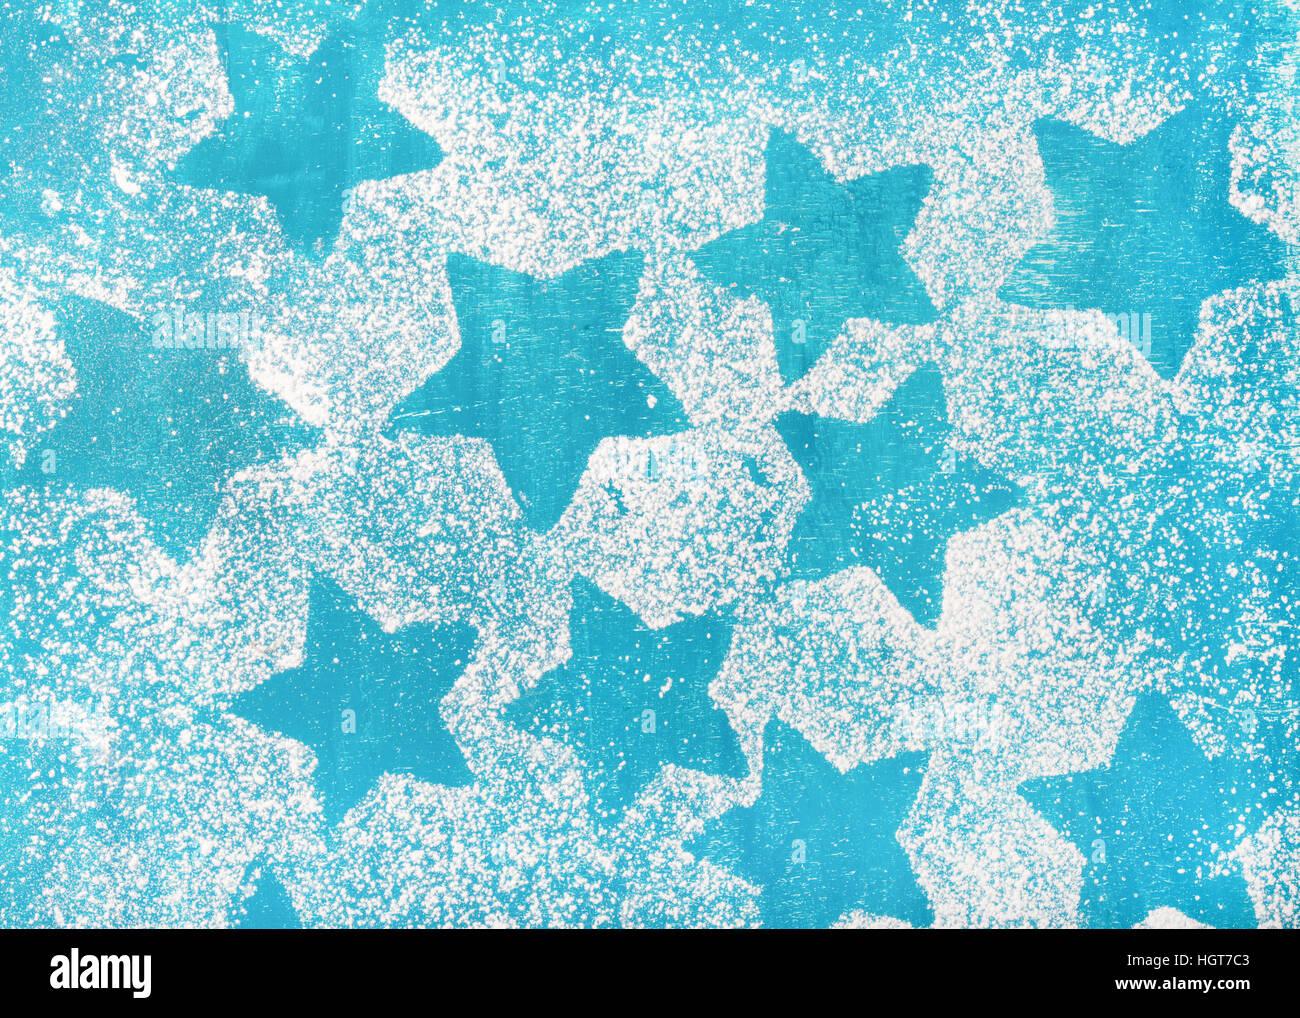 Des biscuits en forme d'étoiles sur fond bleu lumineux silhouettes Photo Stock